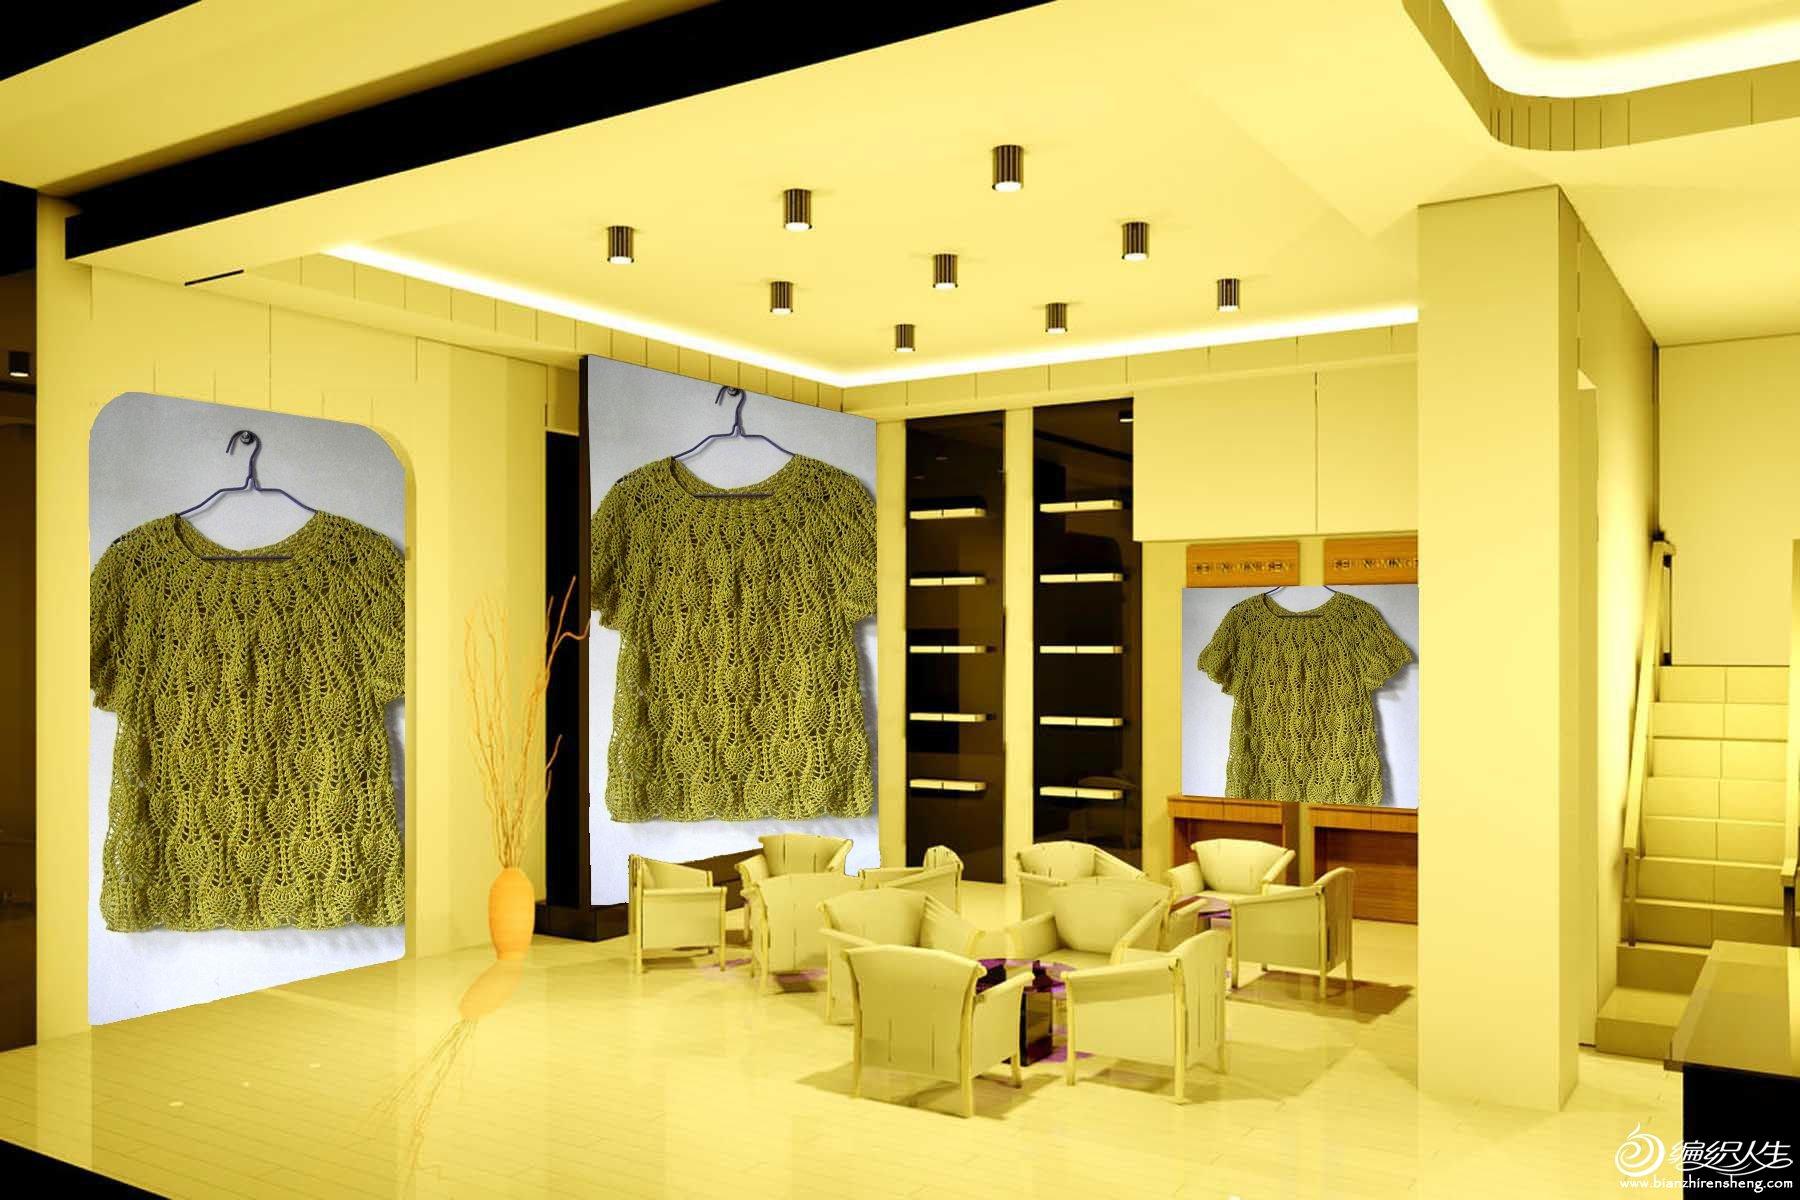 黄菠萝短袖2.jpg